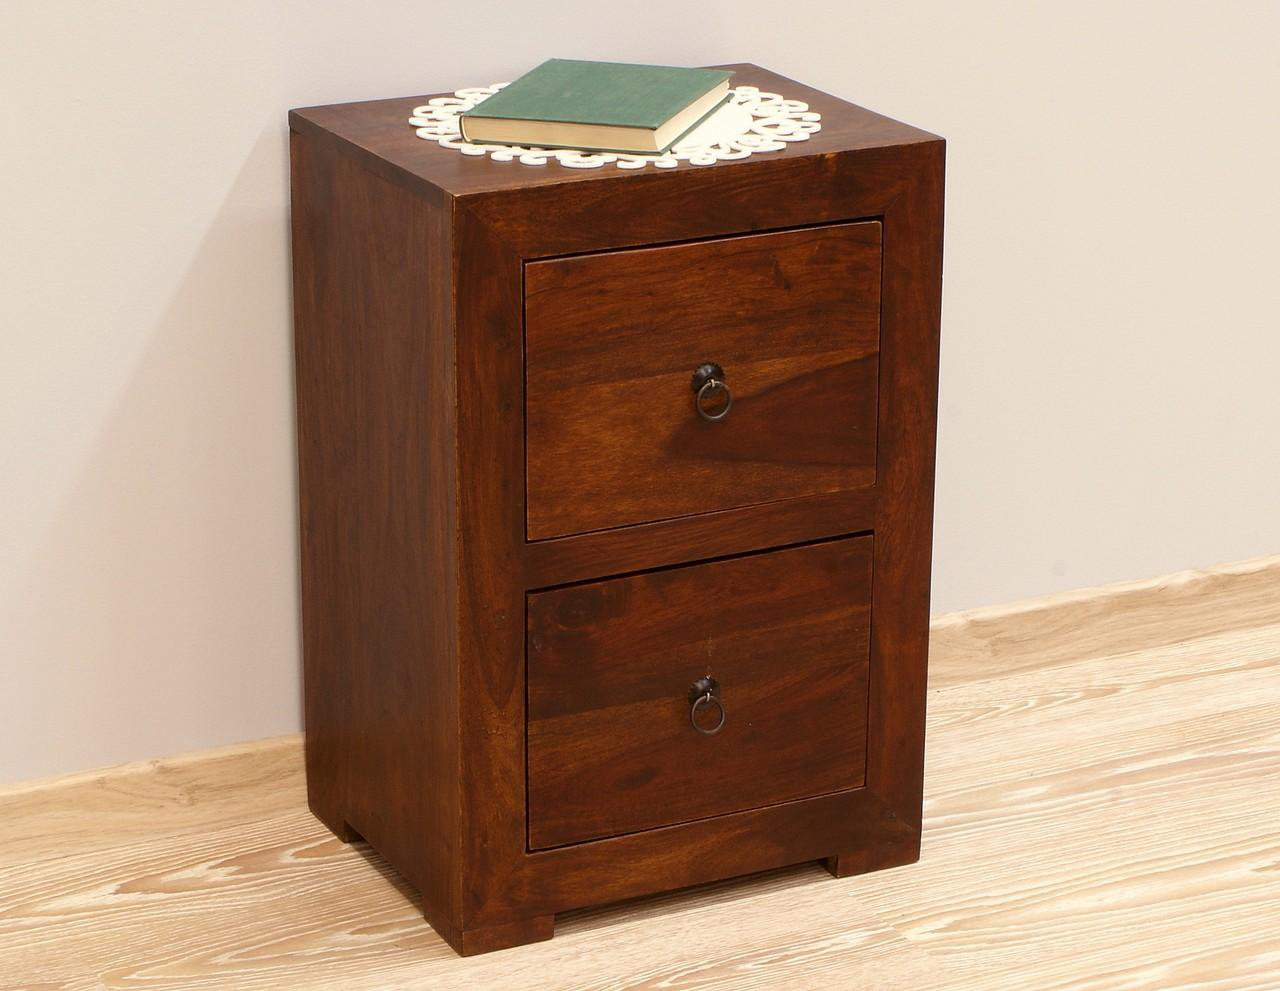 Szafka nocna stolik nocny lite drewno palisander indyjski ciemny brąz dwie szuflady nowoczesny